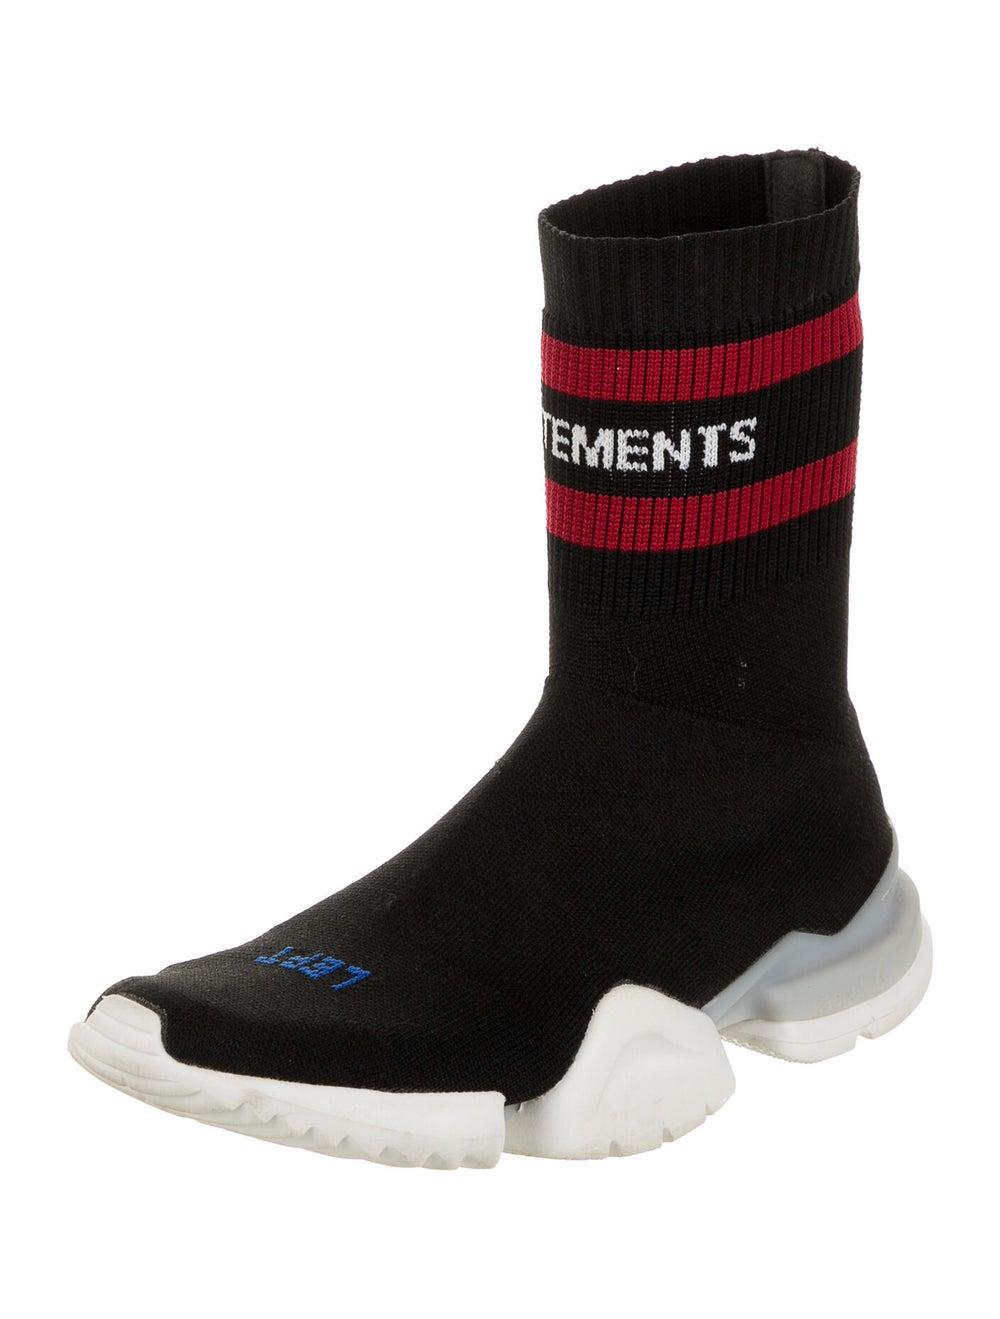 Vetements x Reebok Pump Sock Sneakers Black - image 2